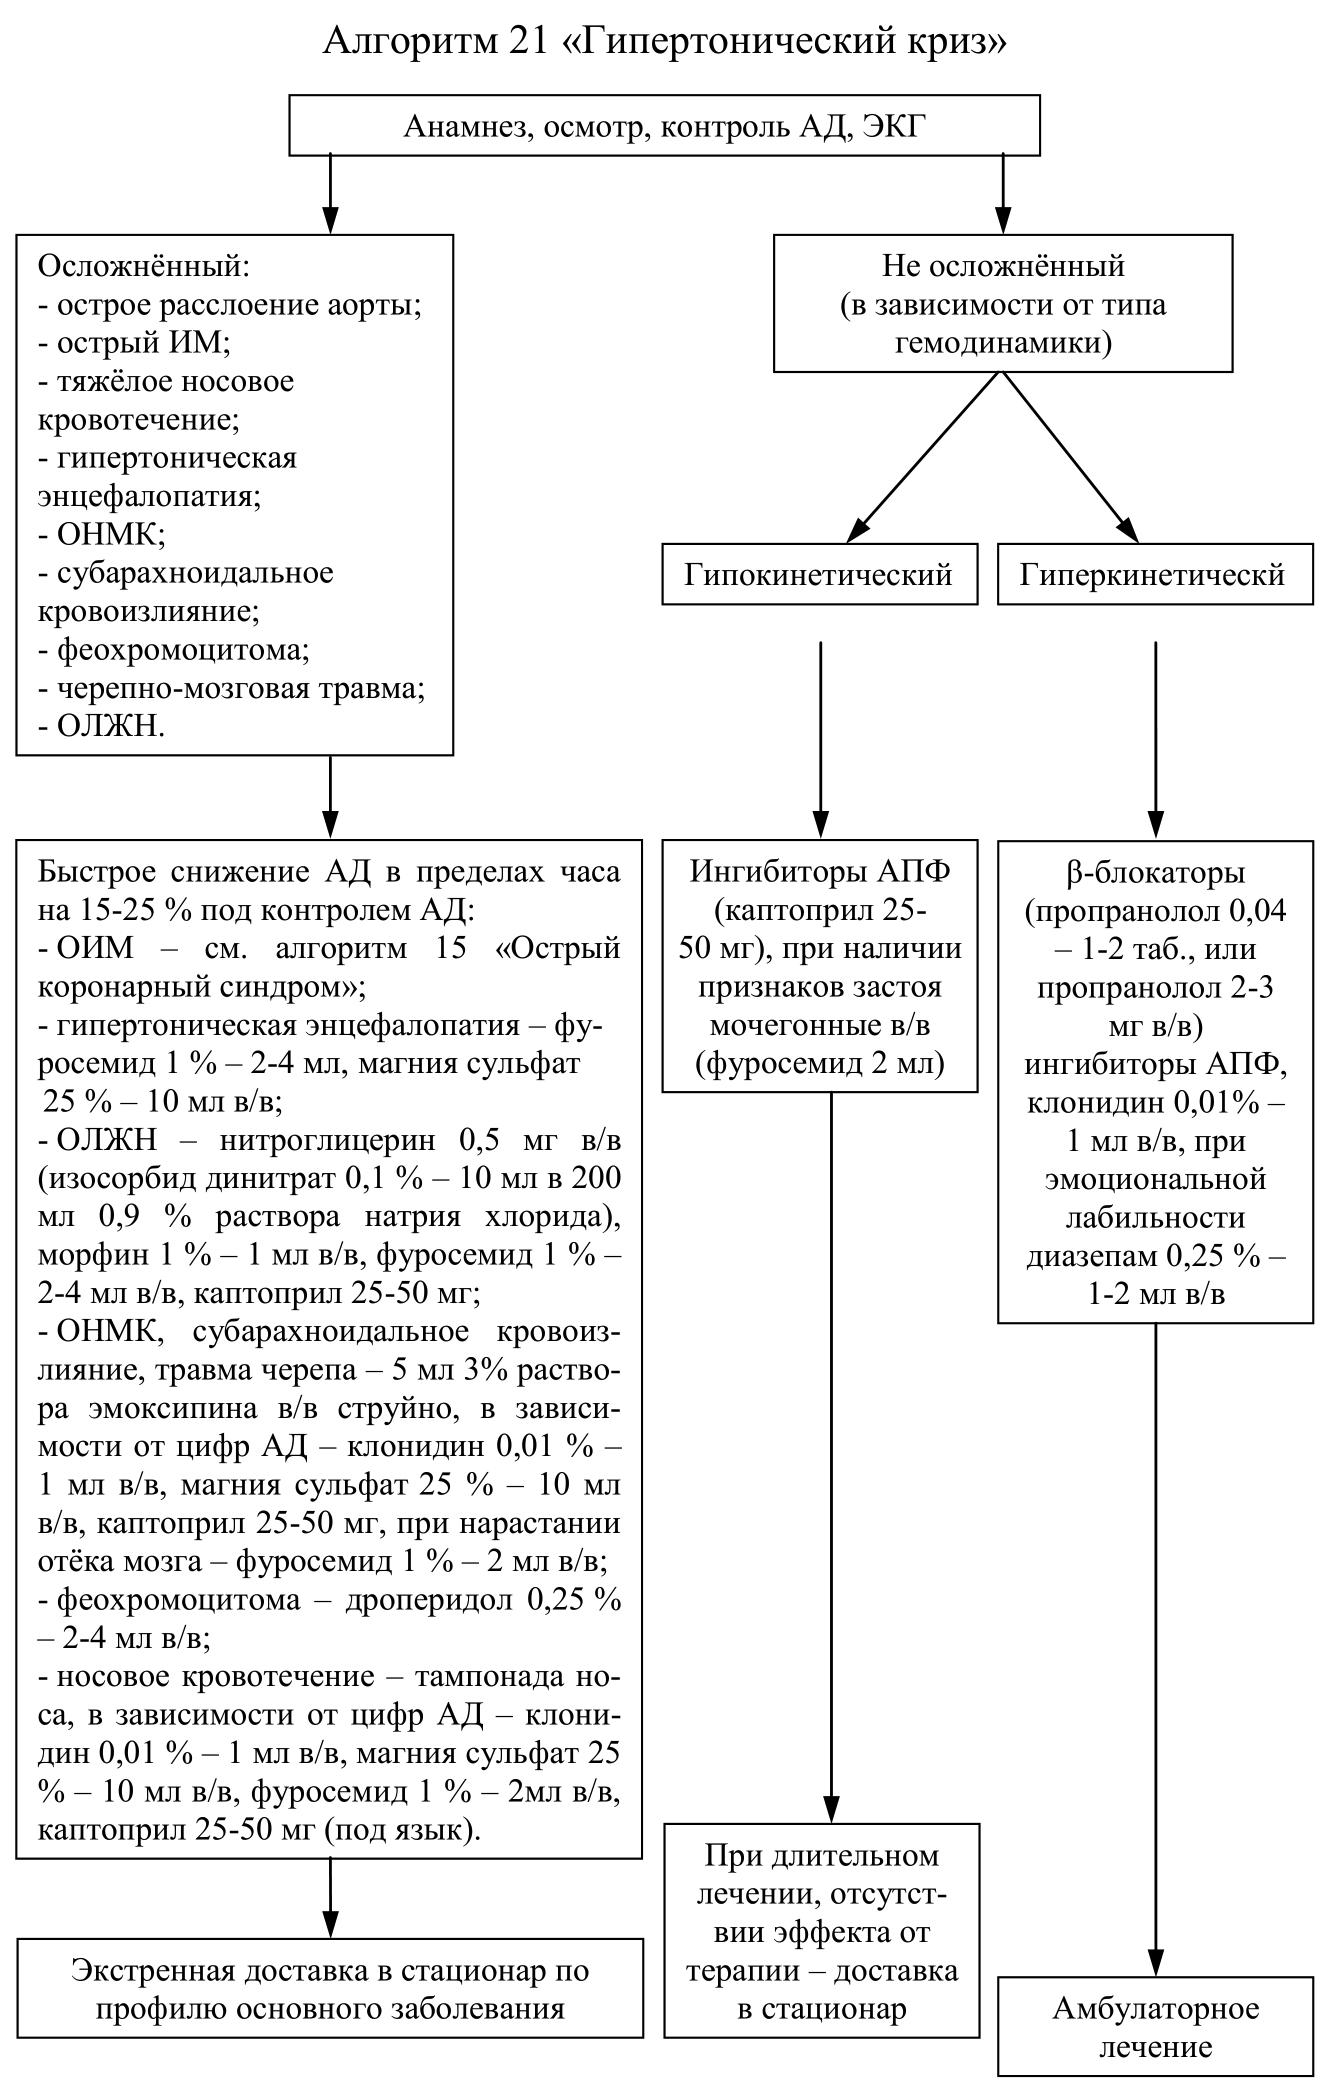 Алгоритм оказания неотложной помощи при приступе бронхиальной астме